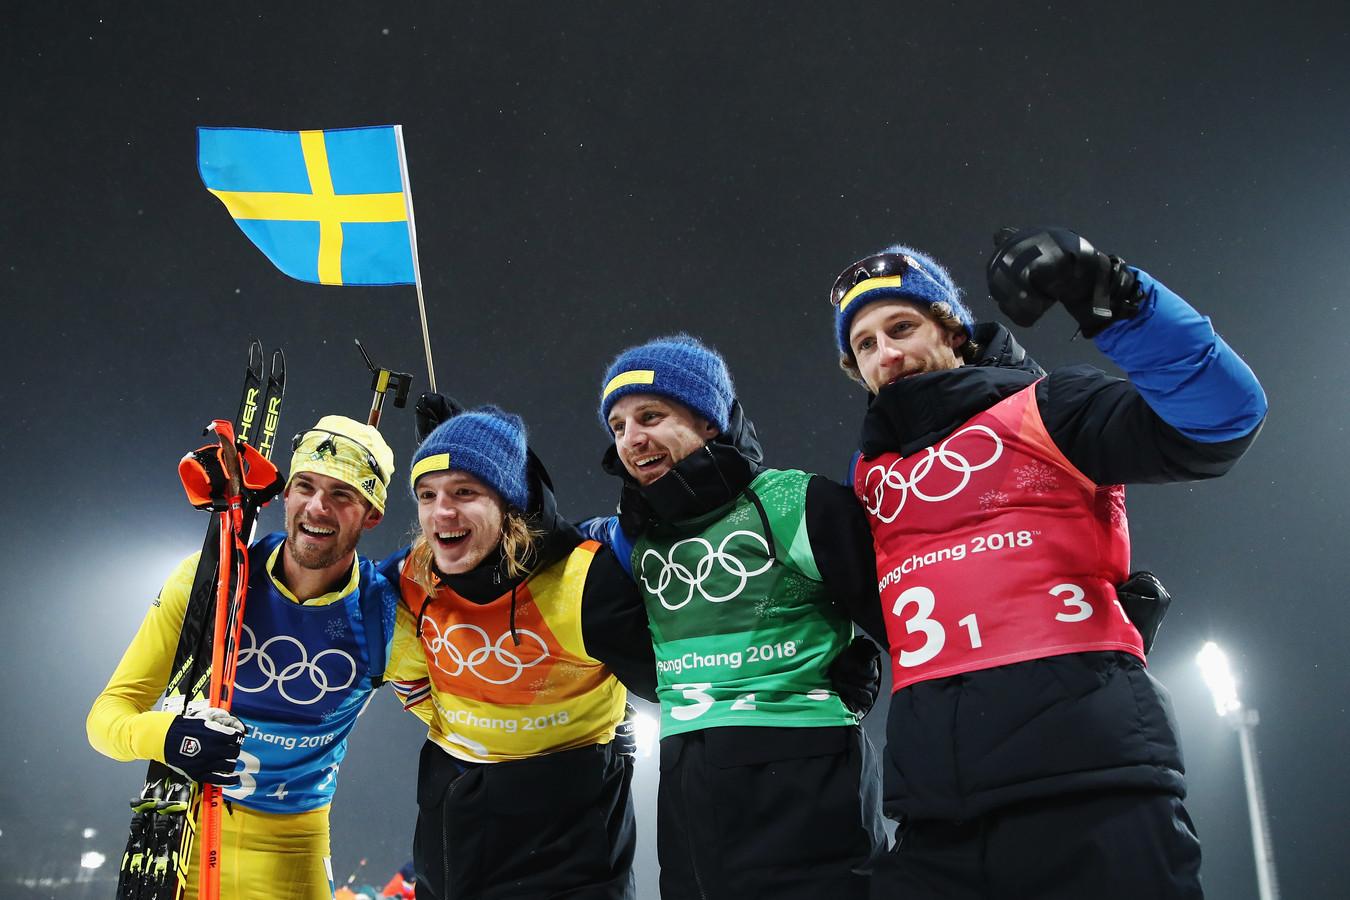 Zweedse biatleten tijdens de Winterspelen van 2028.